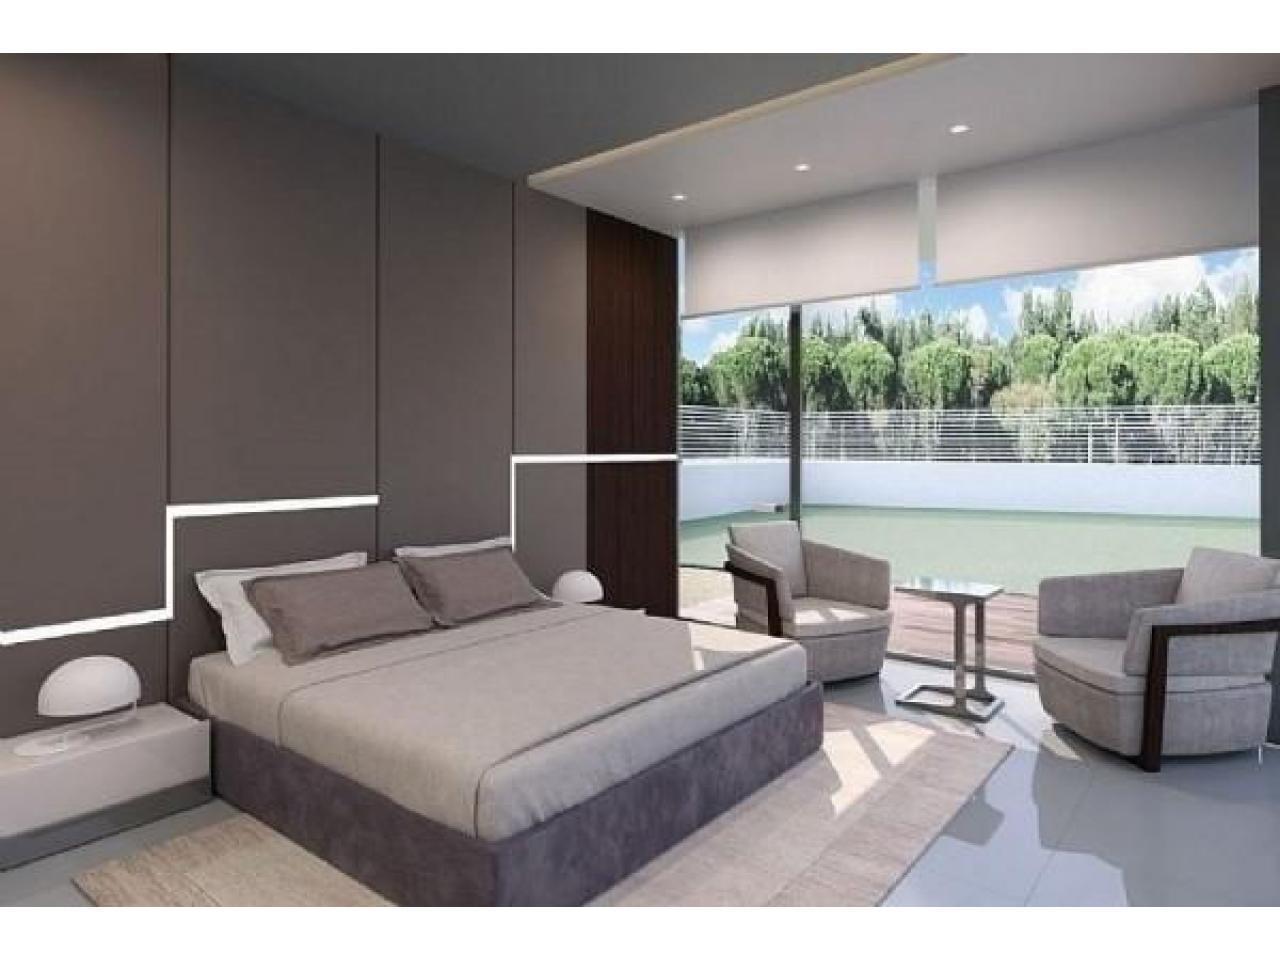 Недвижимость в Испании, Новая вилла рядом с морем от застройщика в Альтеа,Коста Бланка,Испания - 8